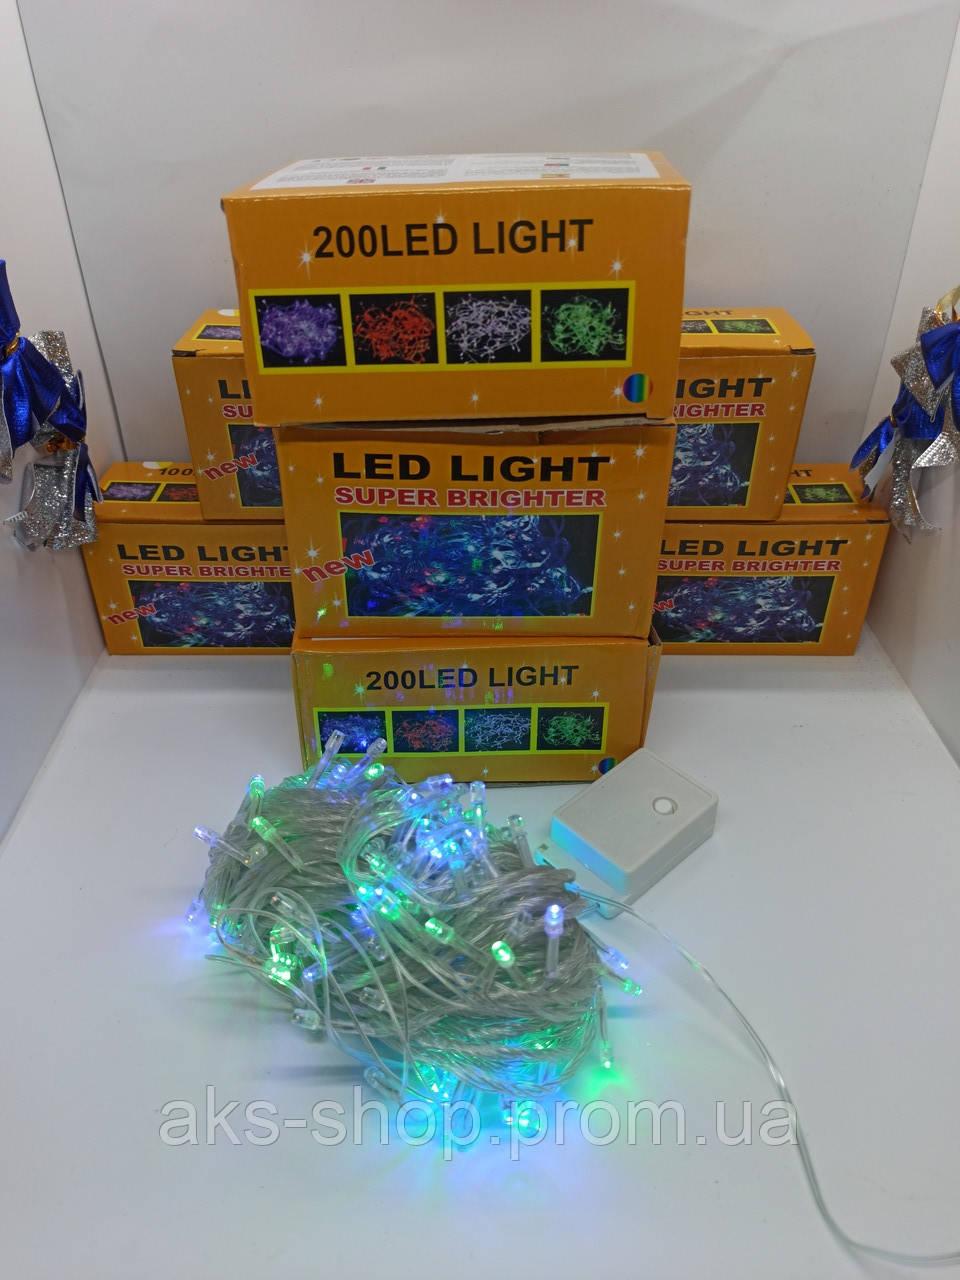 Гирлянда 200LED (RD-7141) 18м Провод-Белый, Цвет ламп-Микс (50)